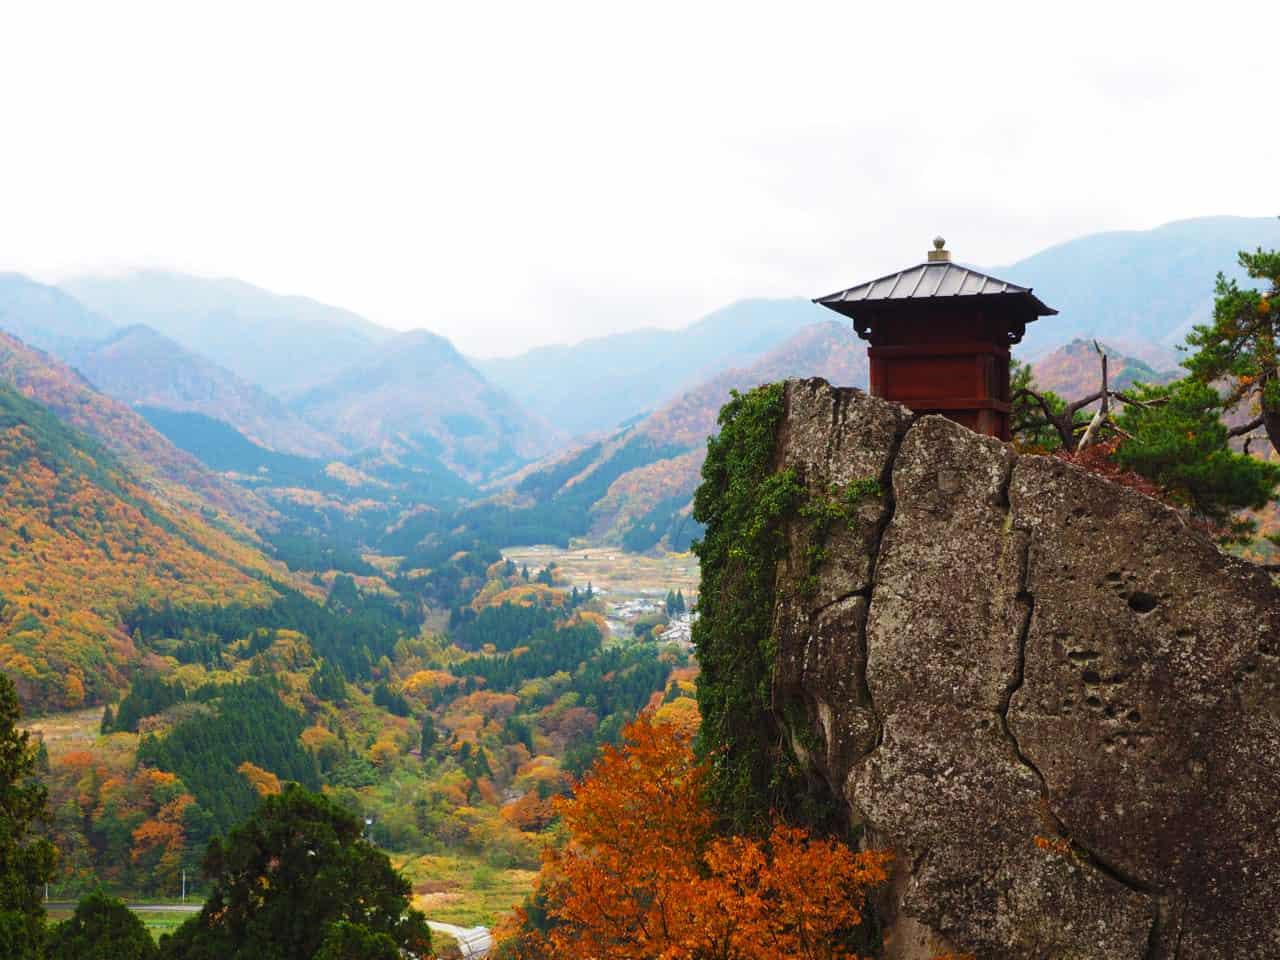 นั่ง Toreiyu Tsubasa ชมวิวใบไม้เปลี่ยนสีที่วัดยามาเดระ (Yamadera Temple)